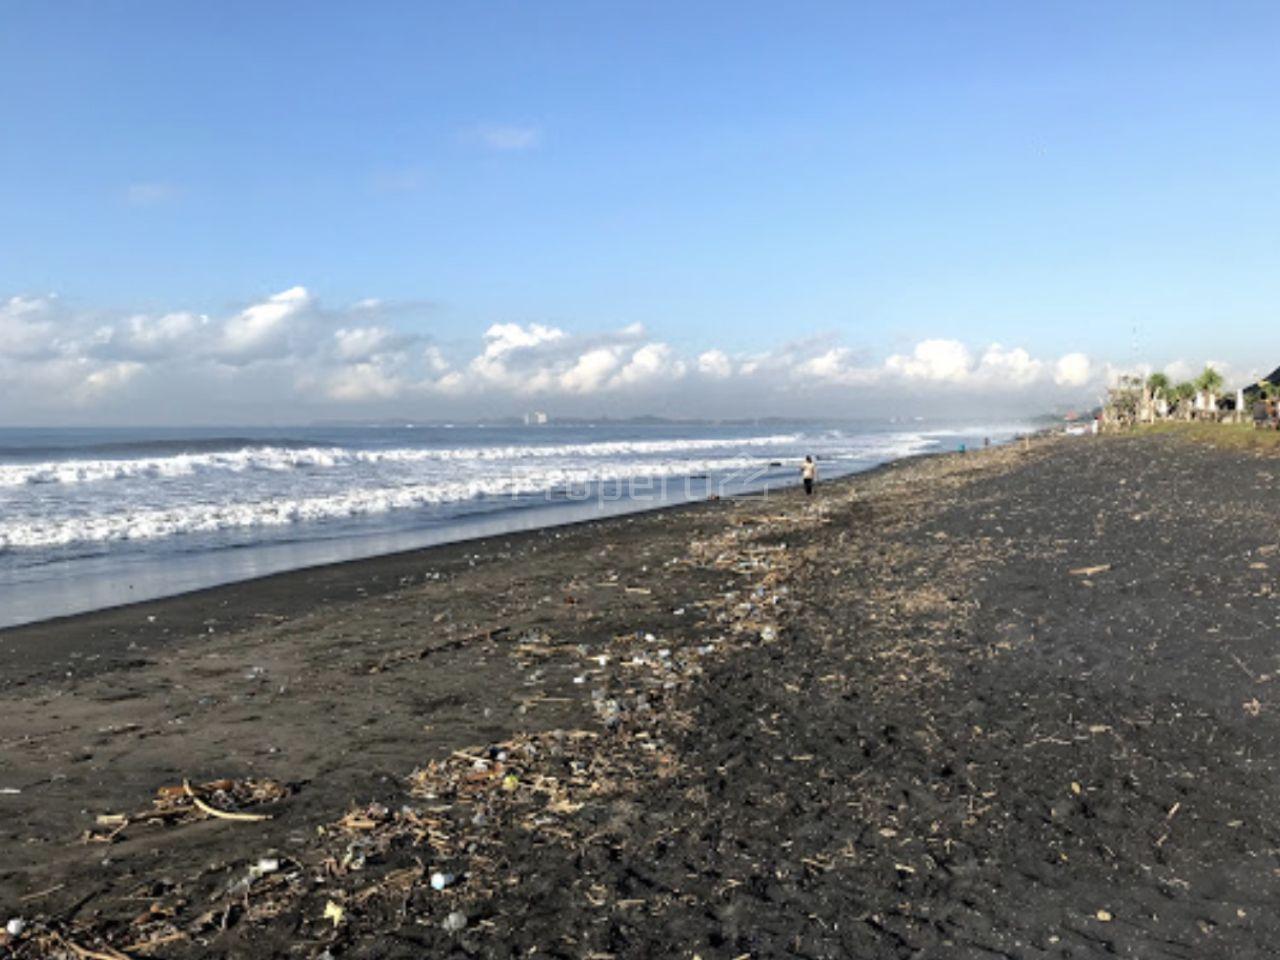 Lahan Tepi Pantai di Pantai Lembeng, Bali